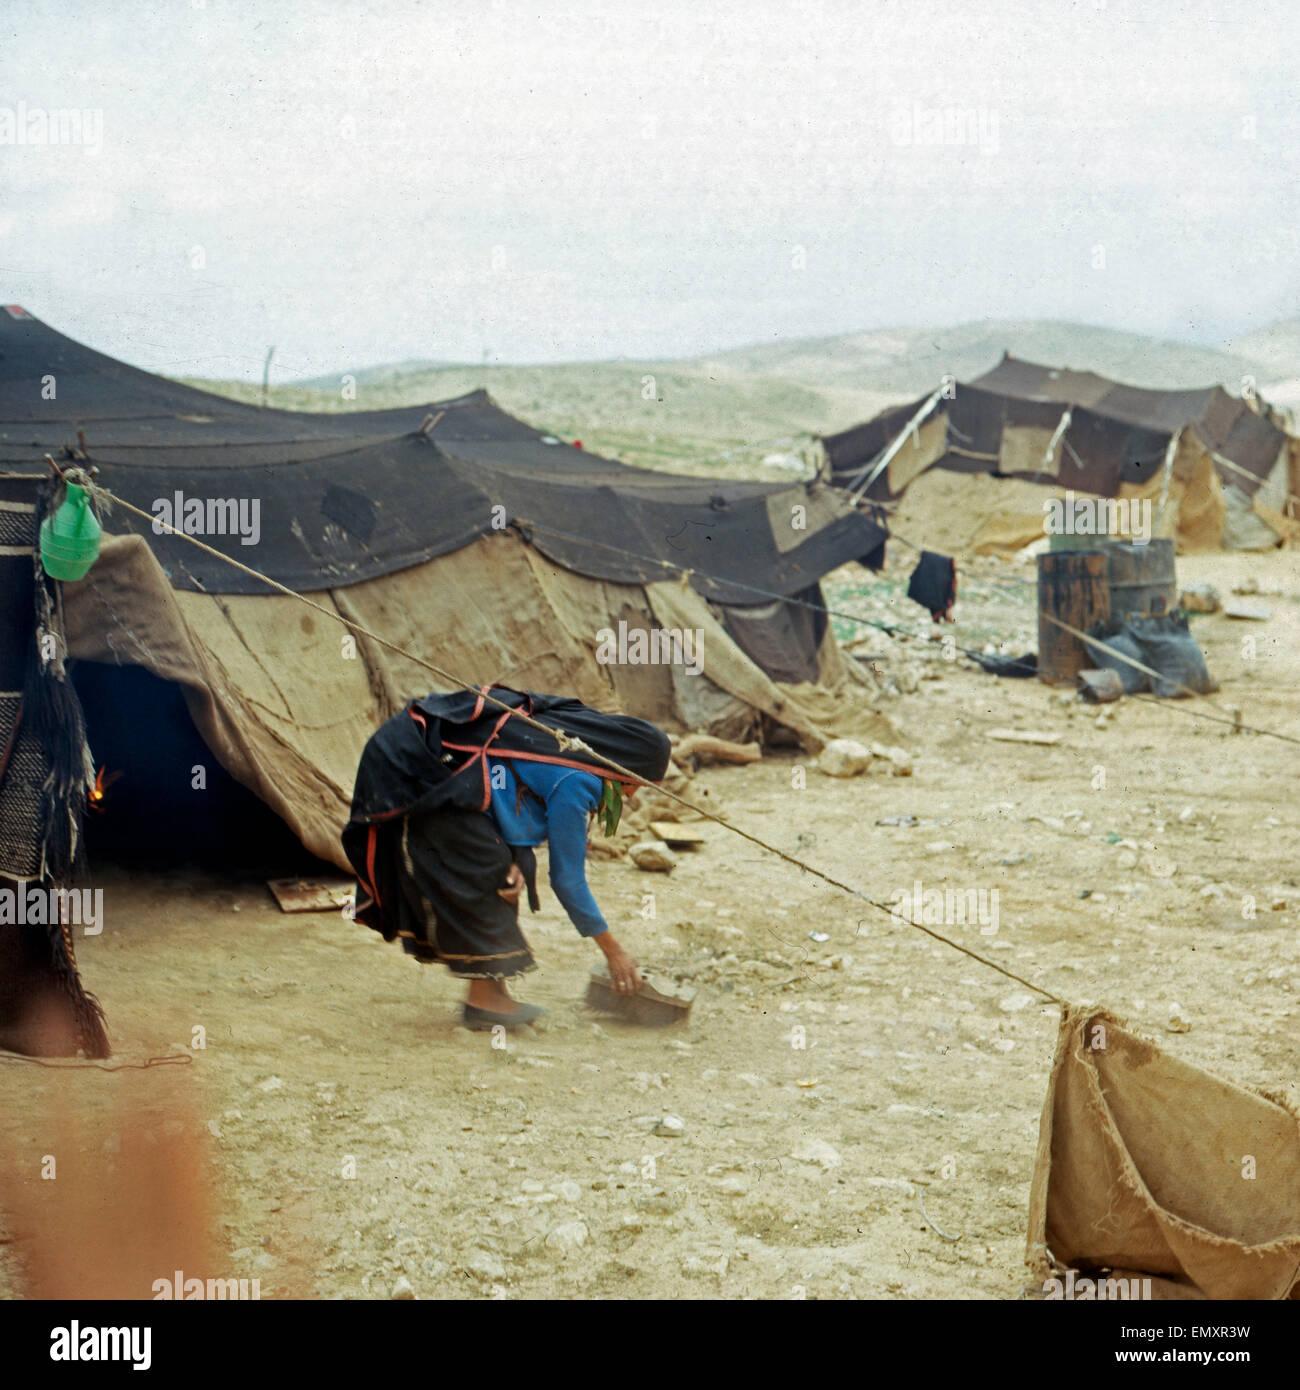 Eine Beduinenfrau Kehrt Vor Dachmarke Zelt Im Beduinenlager, Israel Ende 1970er Jahre. Eine Frau vor ihrem Zelt Stockbild